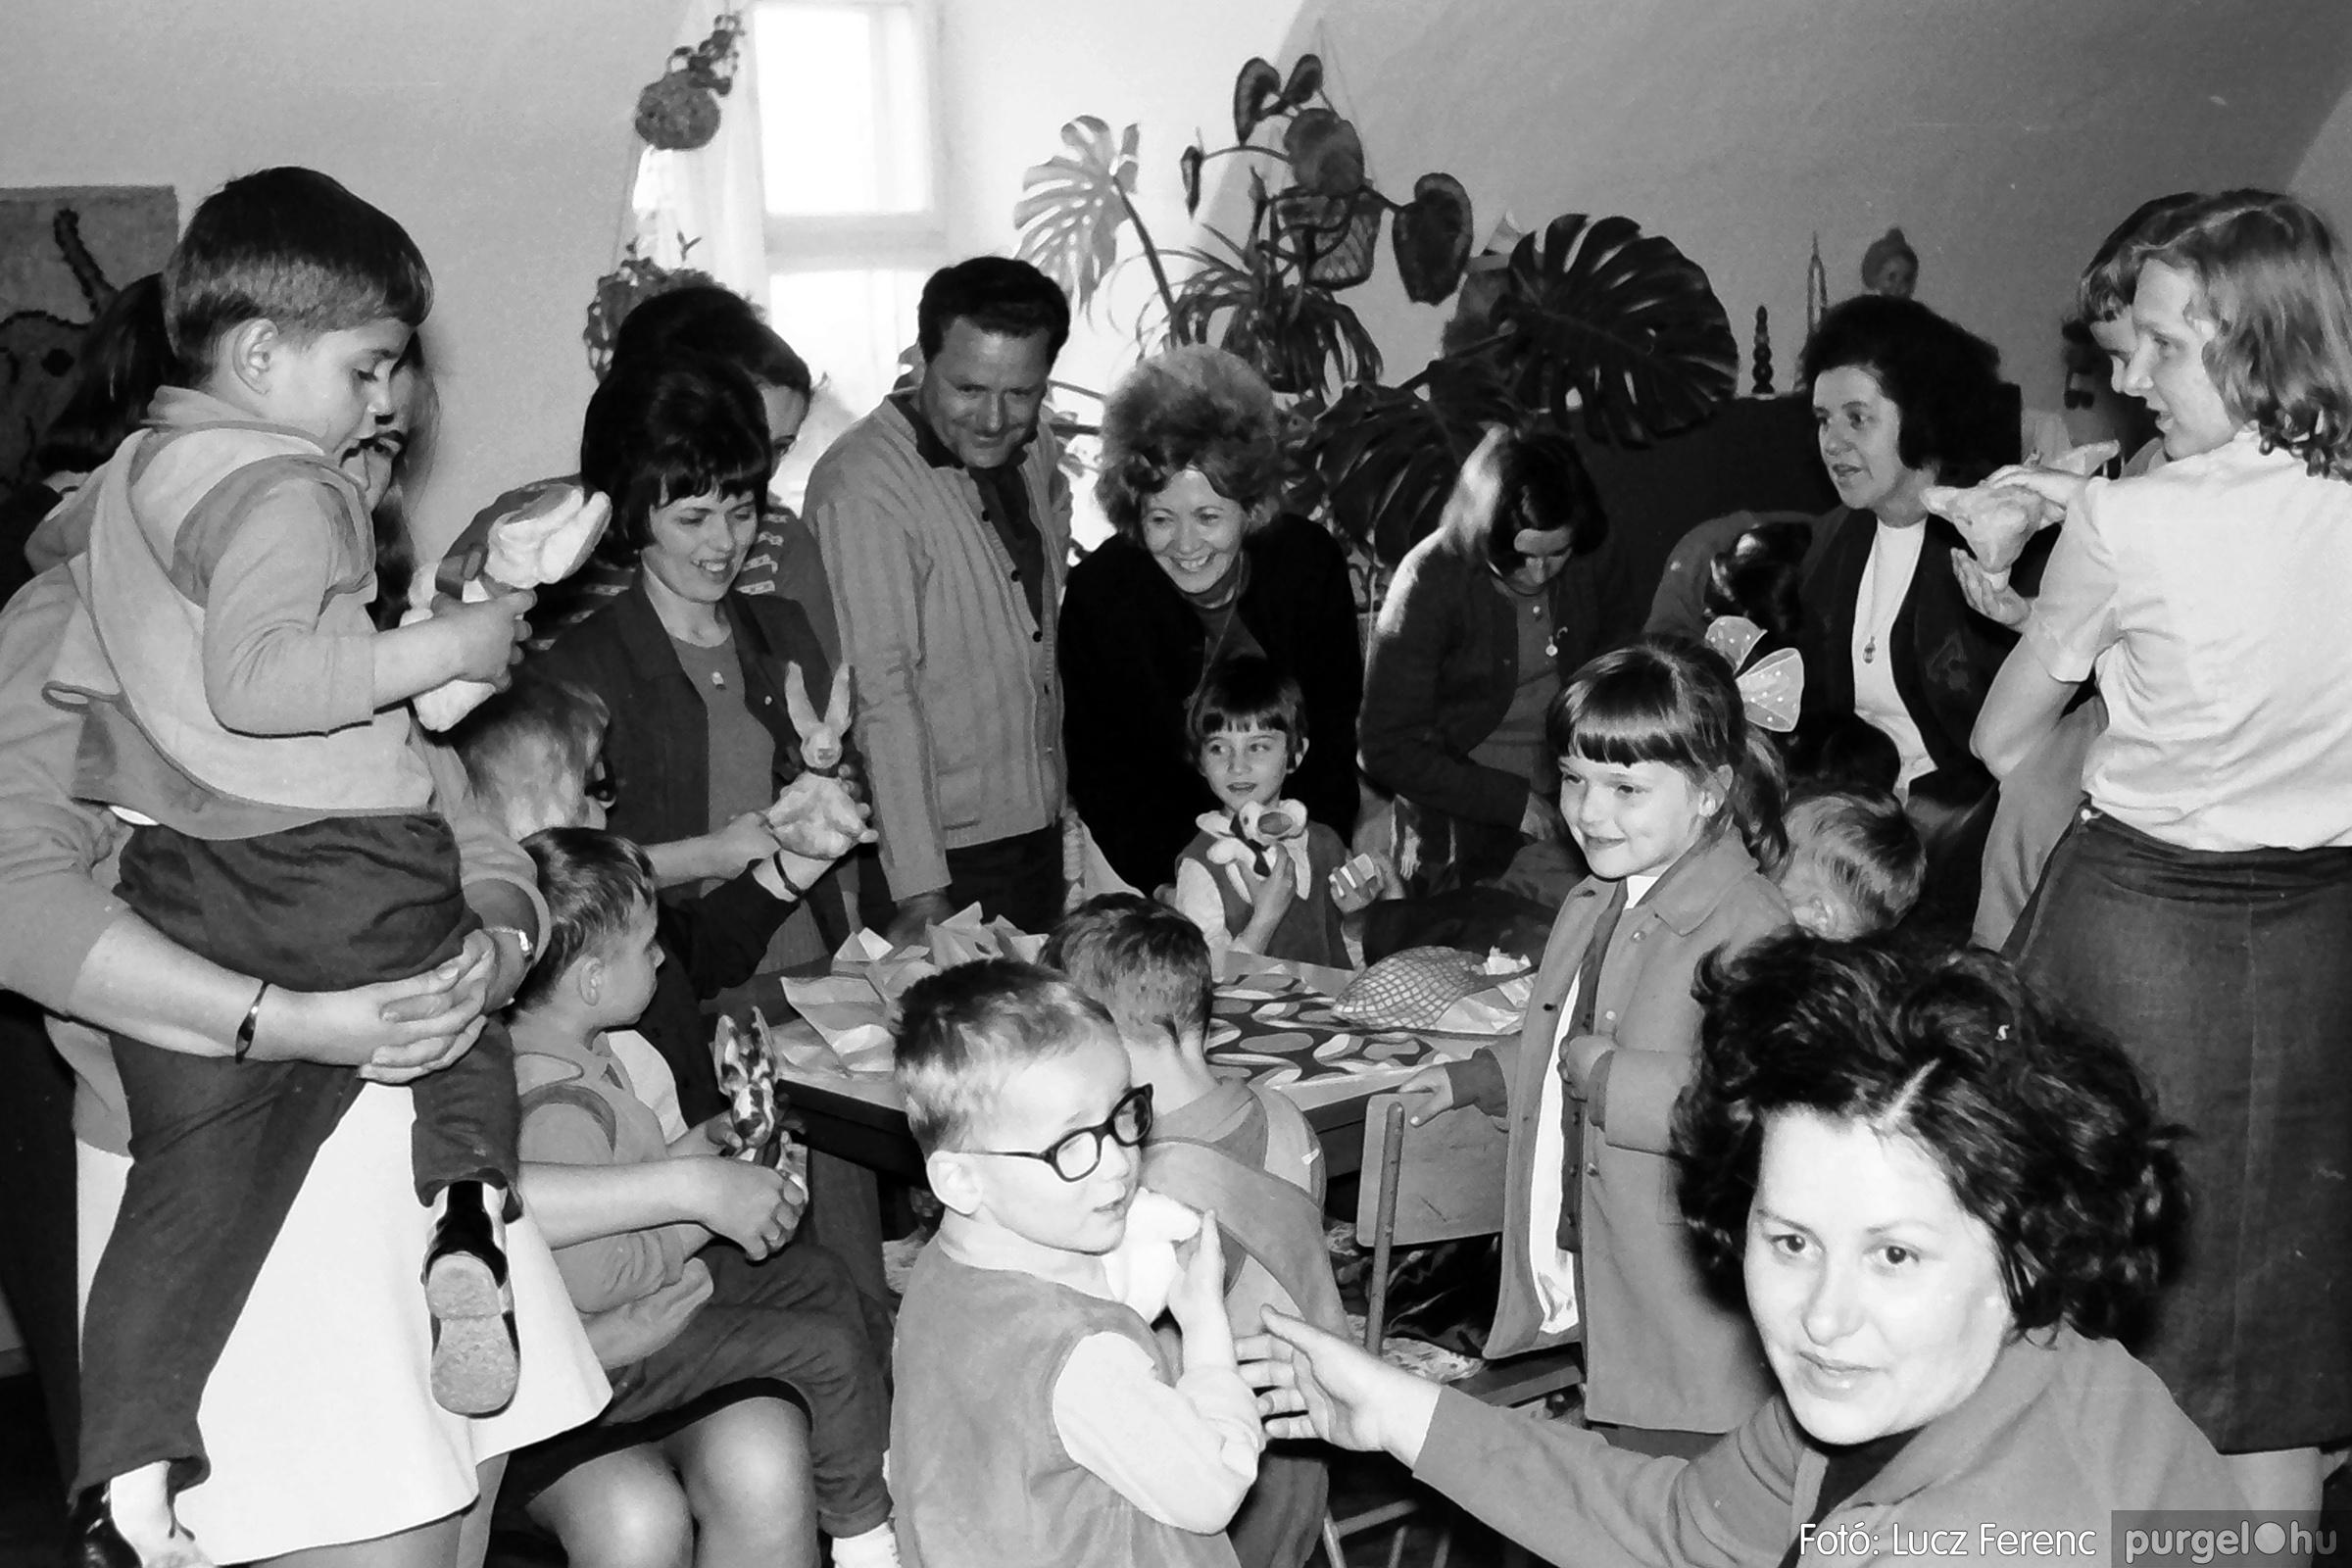 044. 1976. Látogatás a gyermekotthonban 004. - Fotó: Lucz Ferenc.jpg